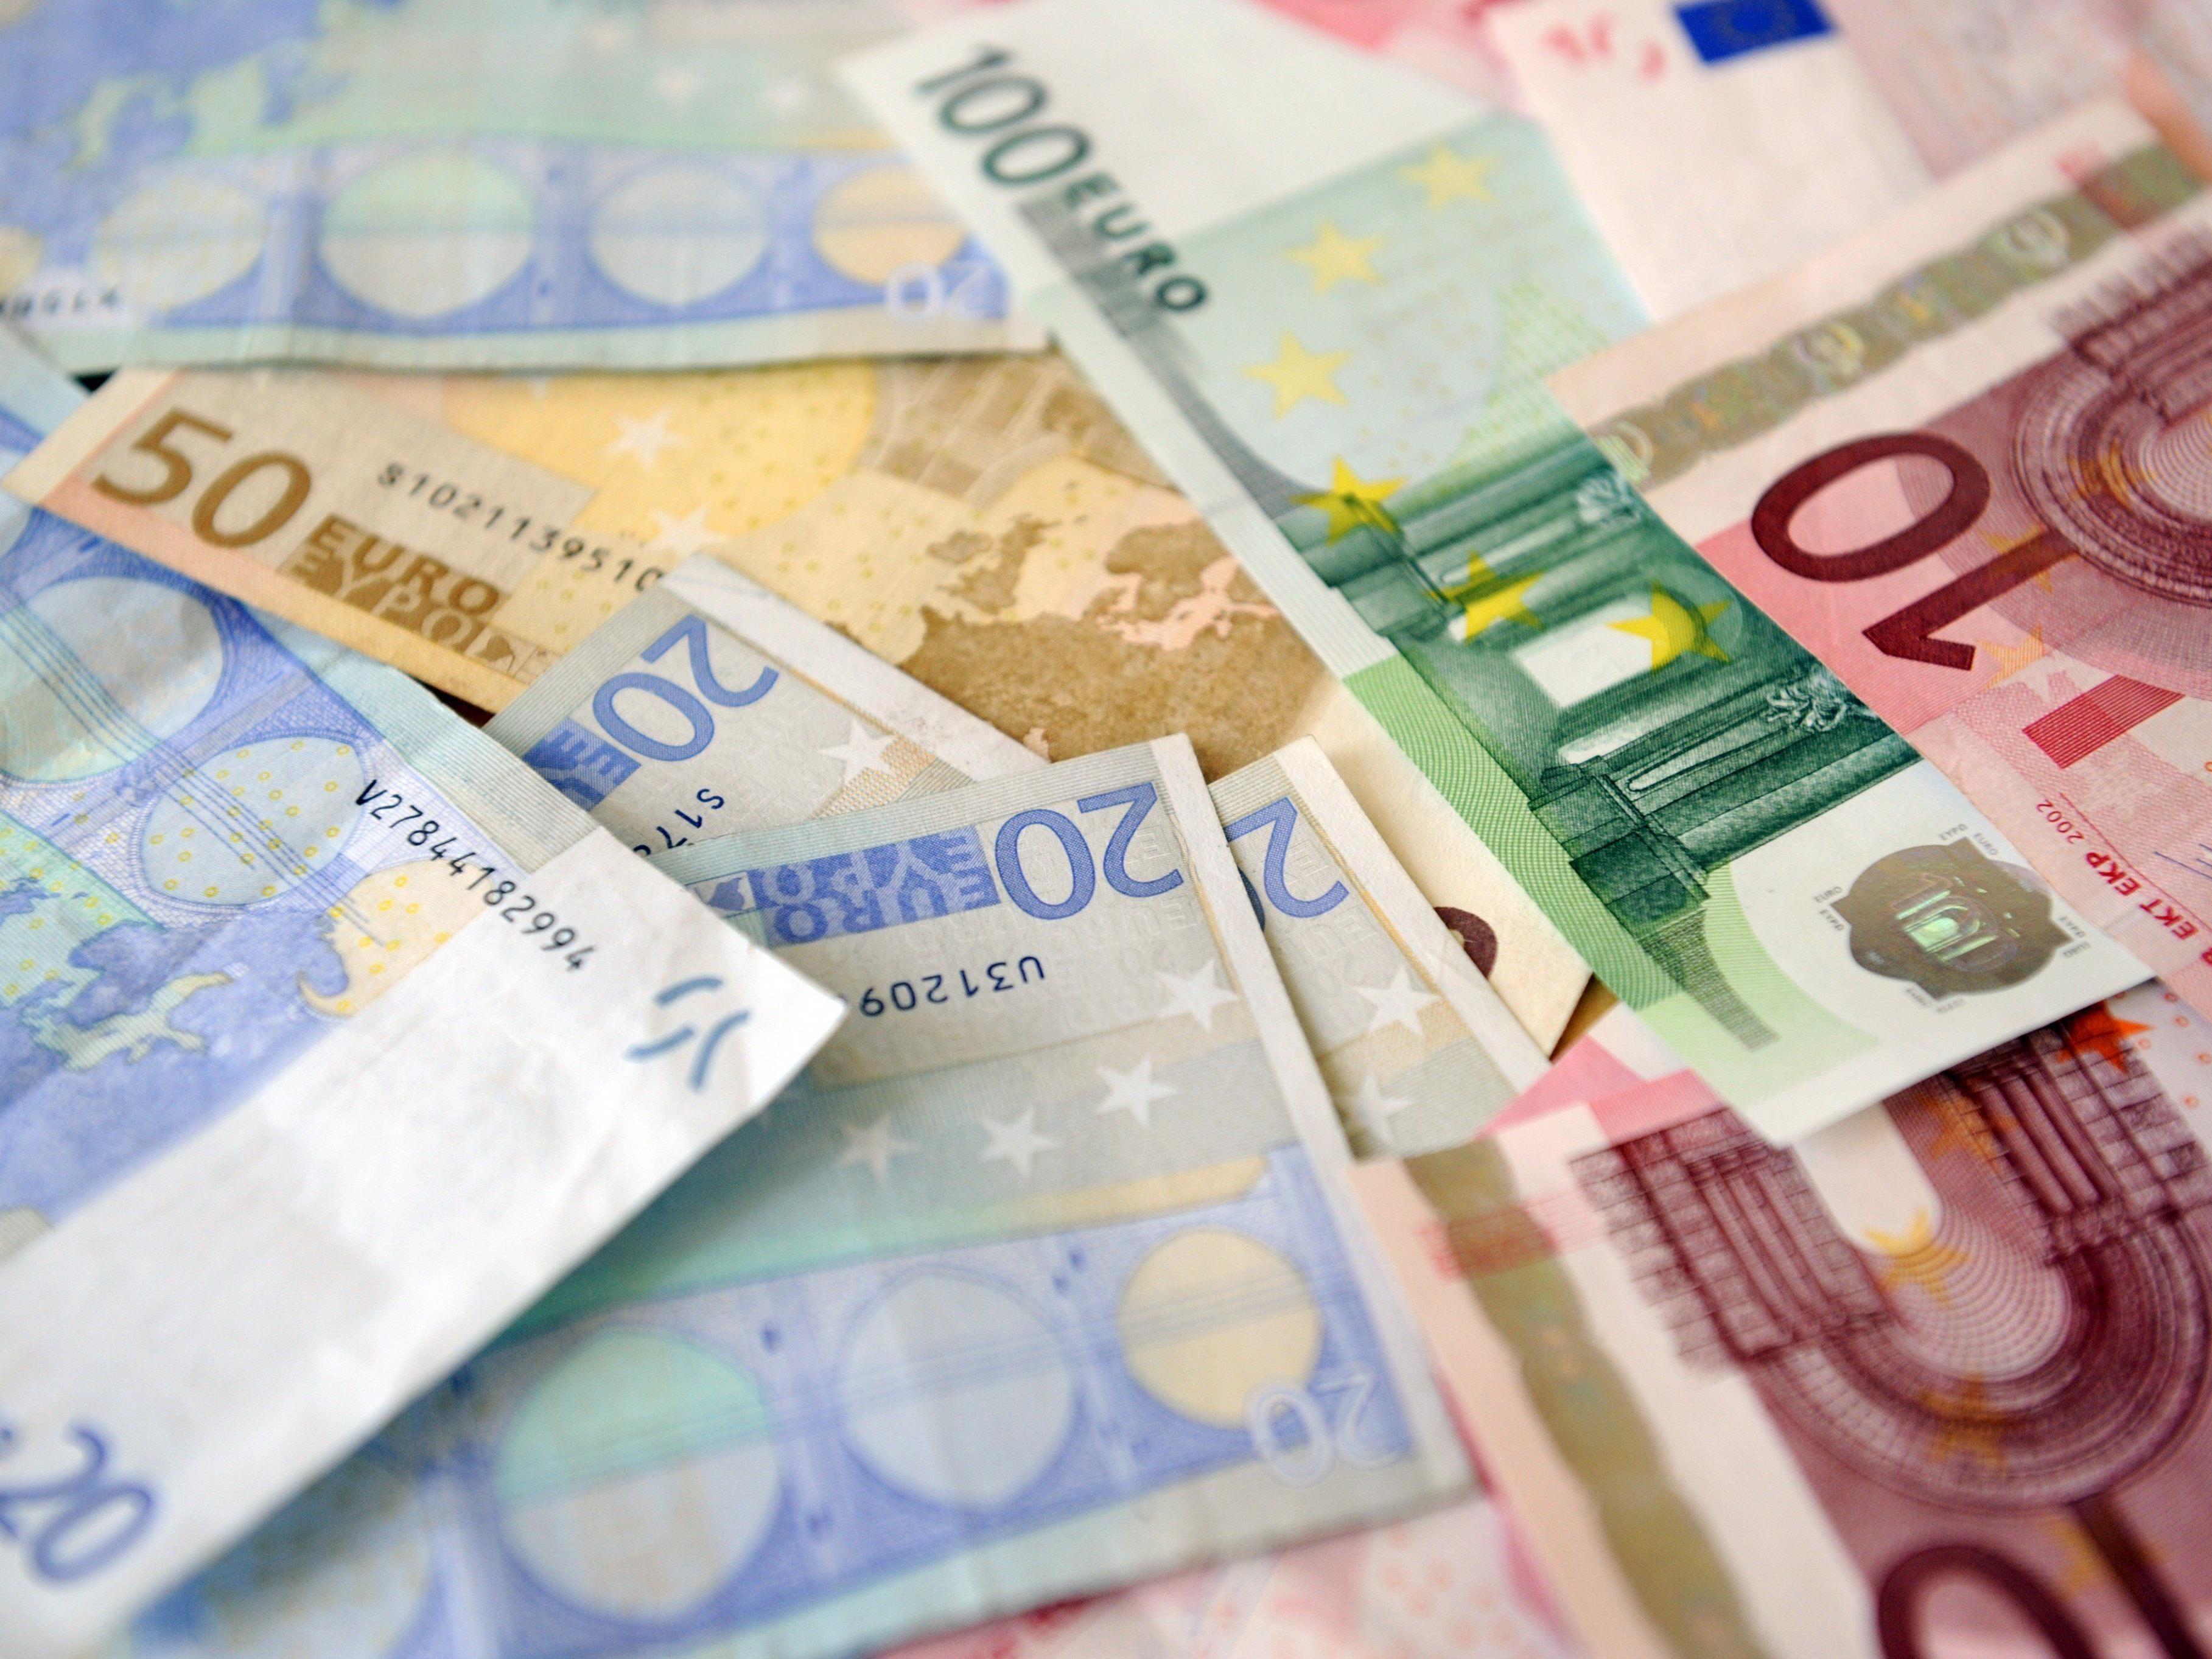 Die Pro-Kopf-Schulden des Landes Vorarlberg sind relativ niedrig, die der Gemeinden deutlich höher.